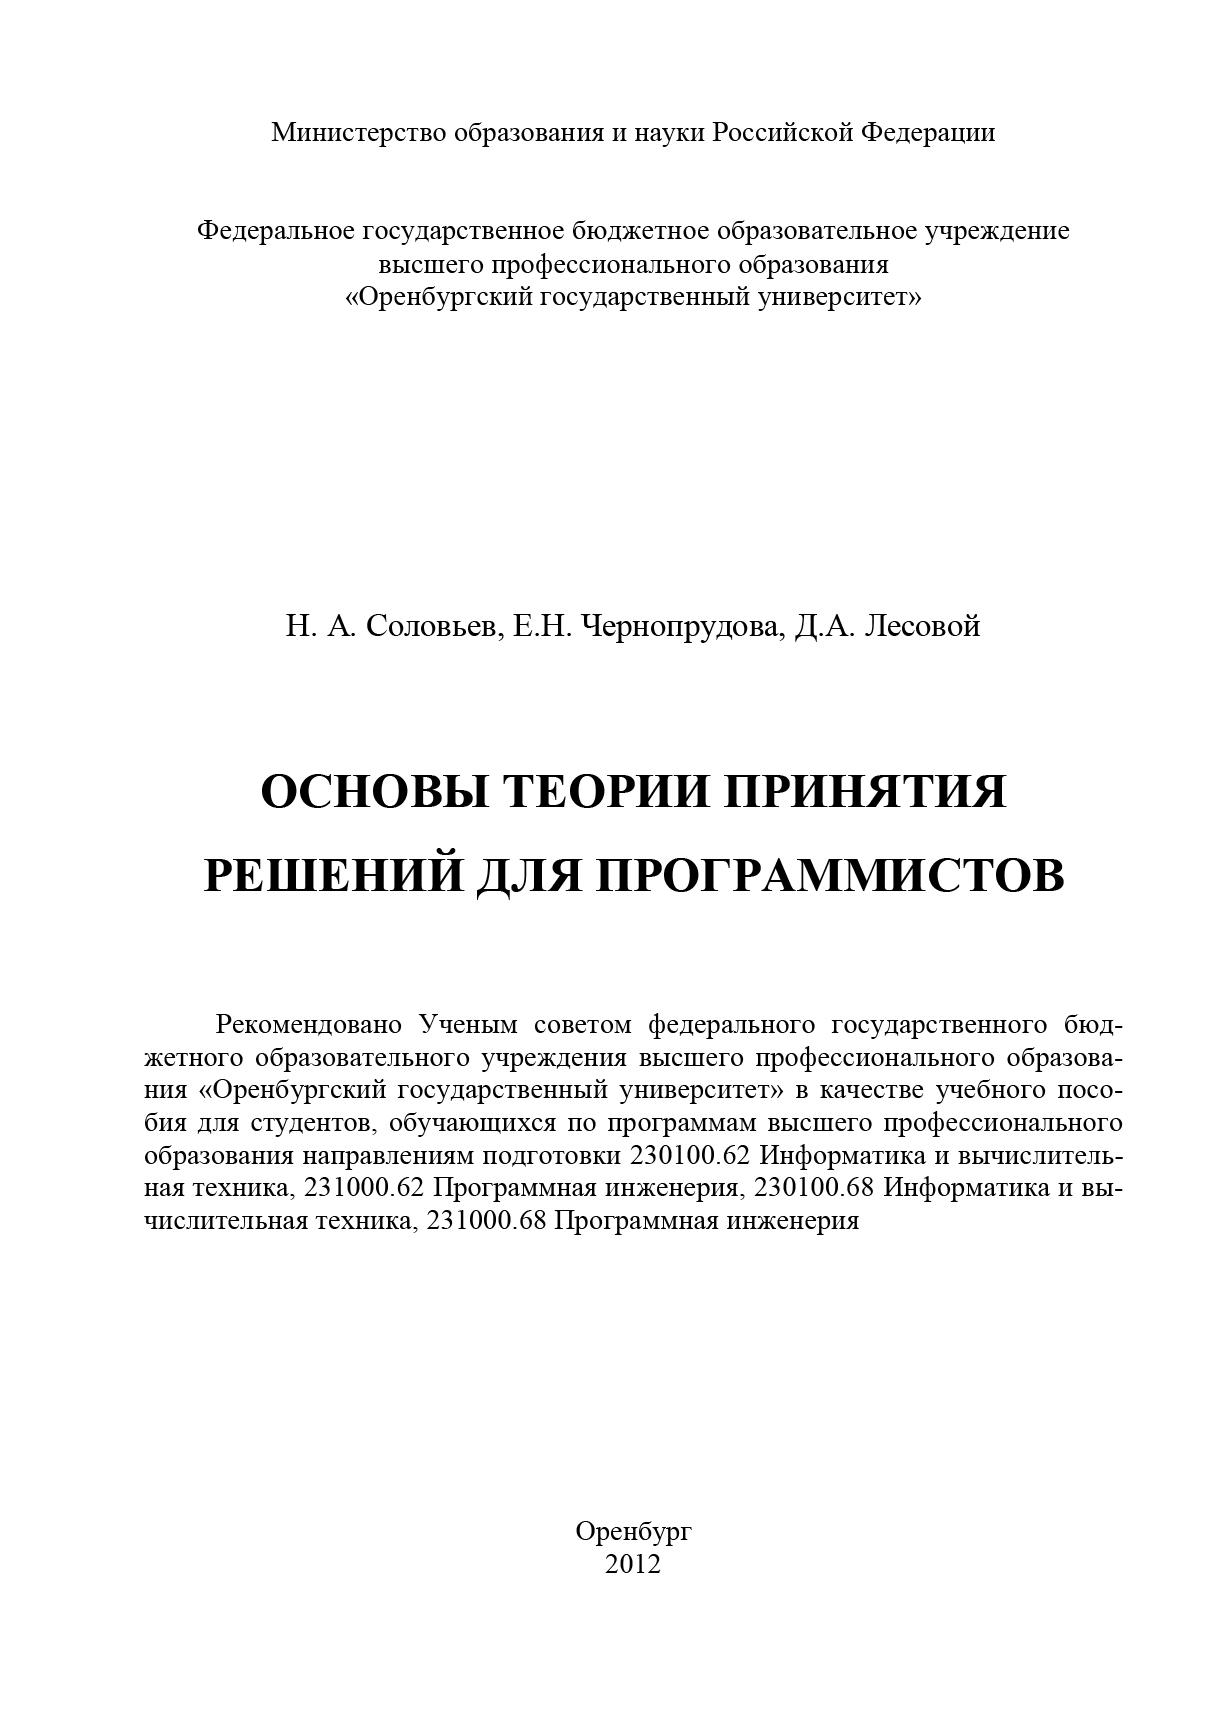 купить Д. Лесовой Основы теории принятия решений для программистов по цене 320 рублей